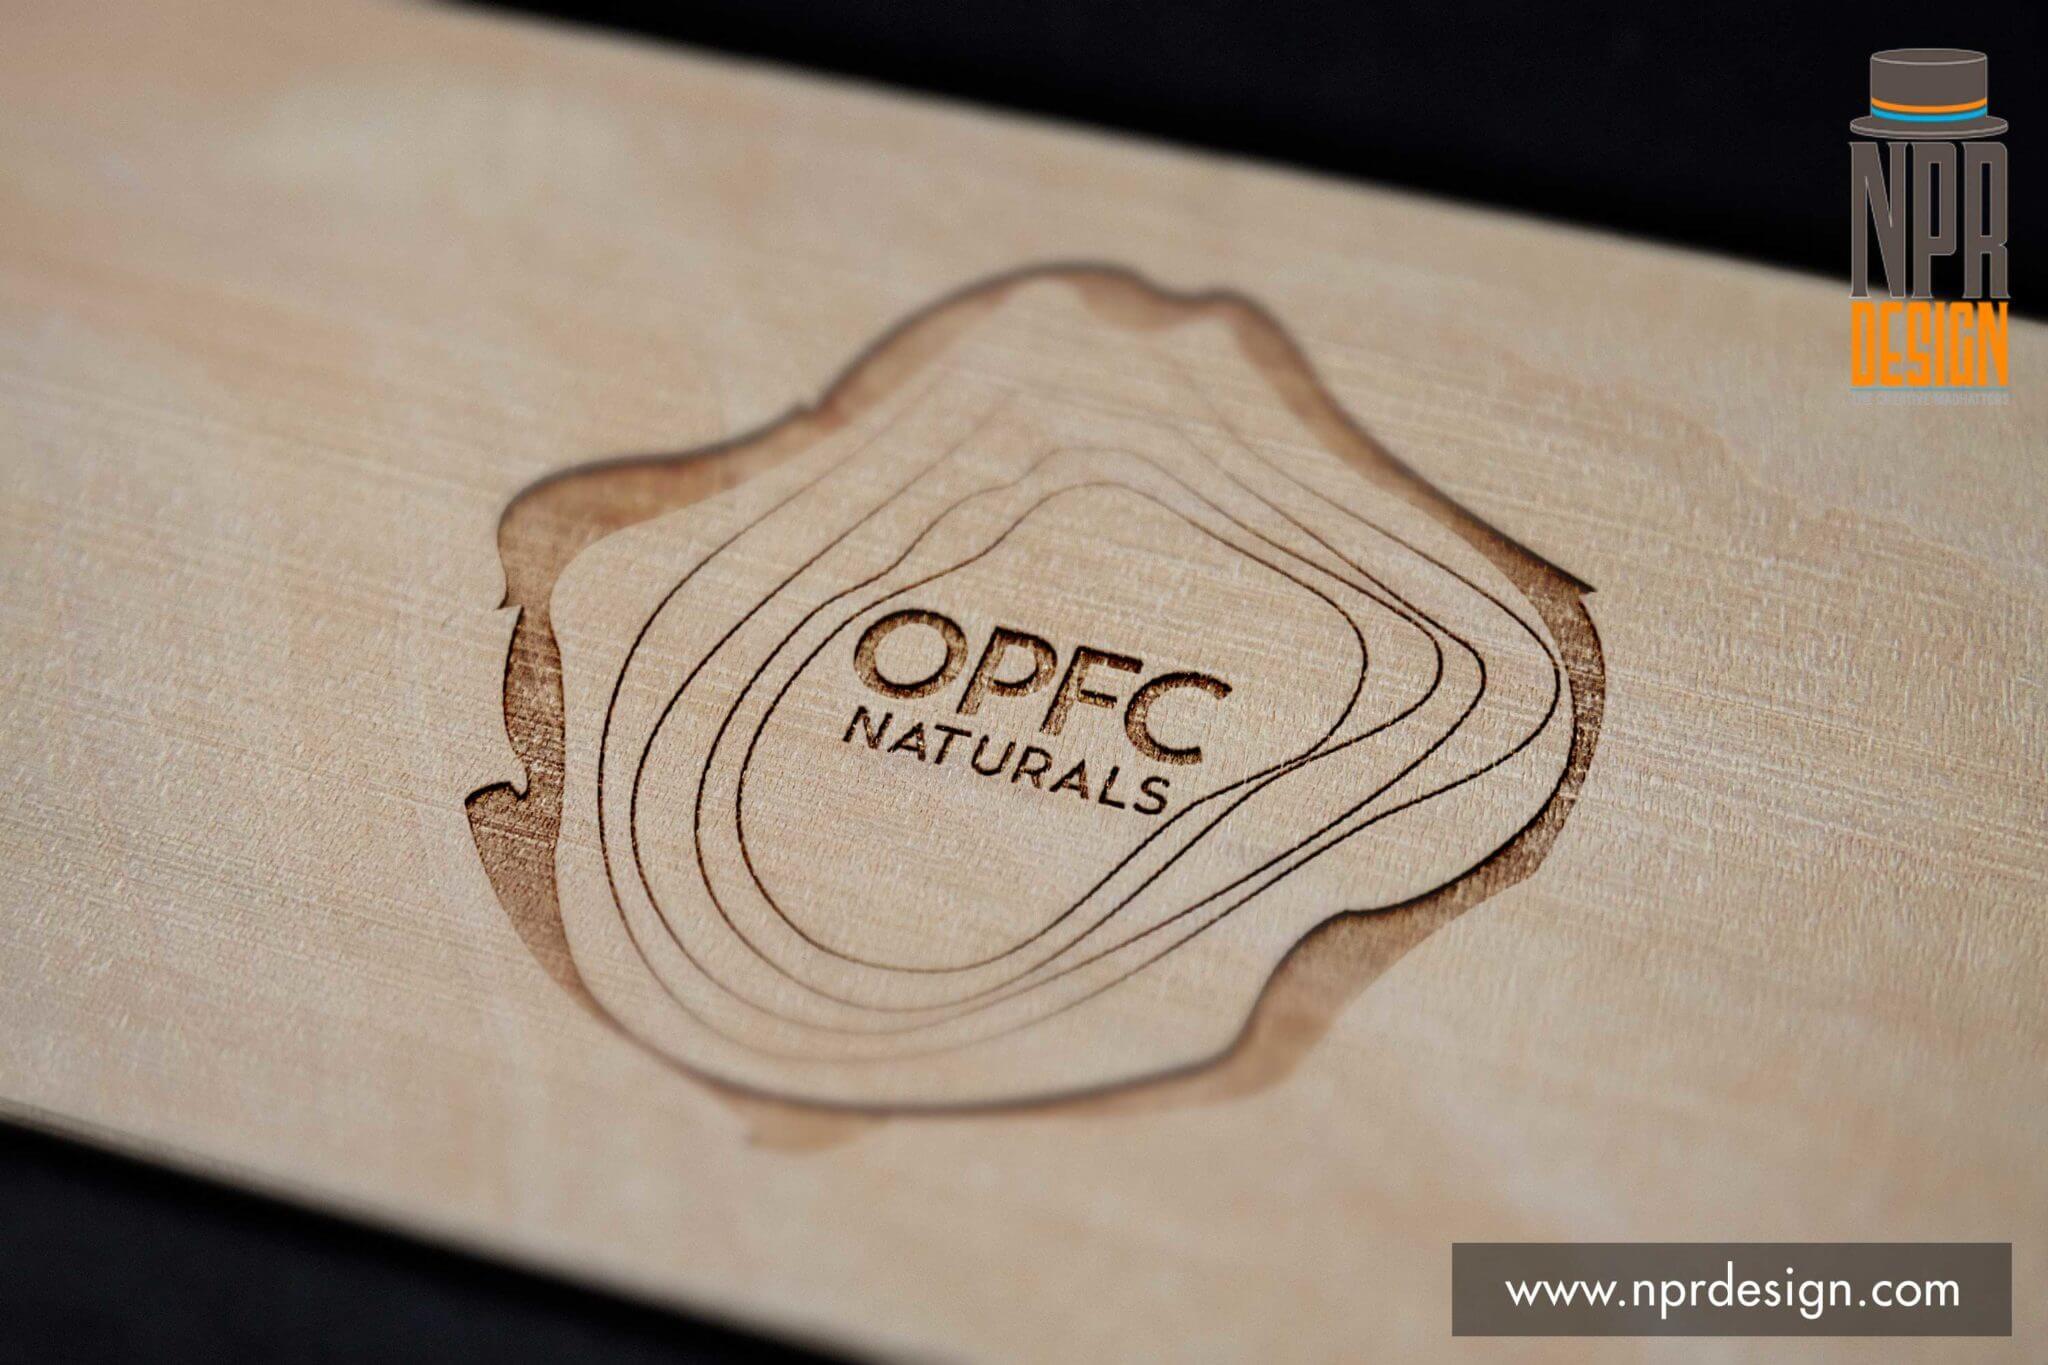 OPFC Naturals